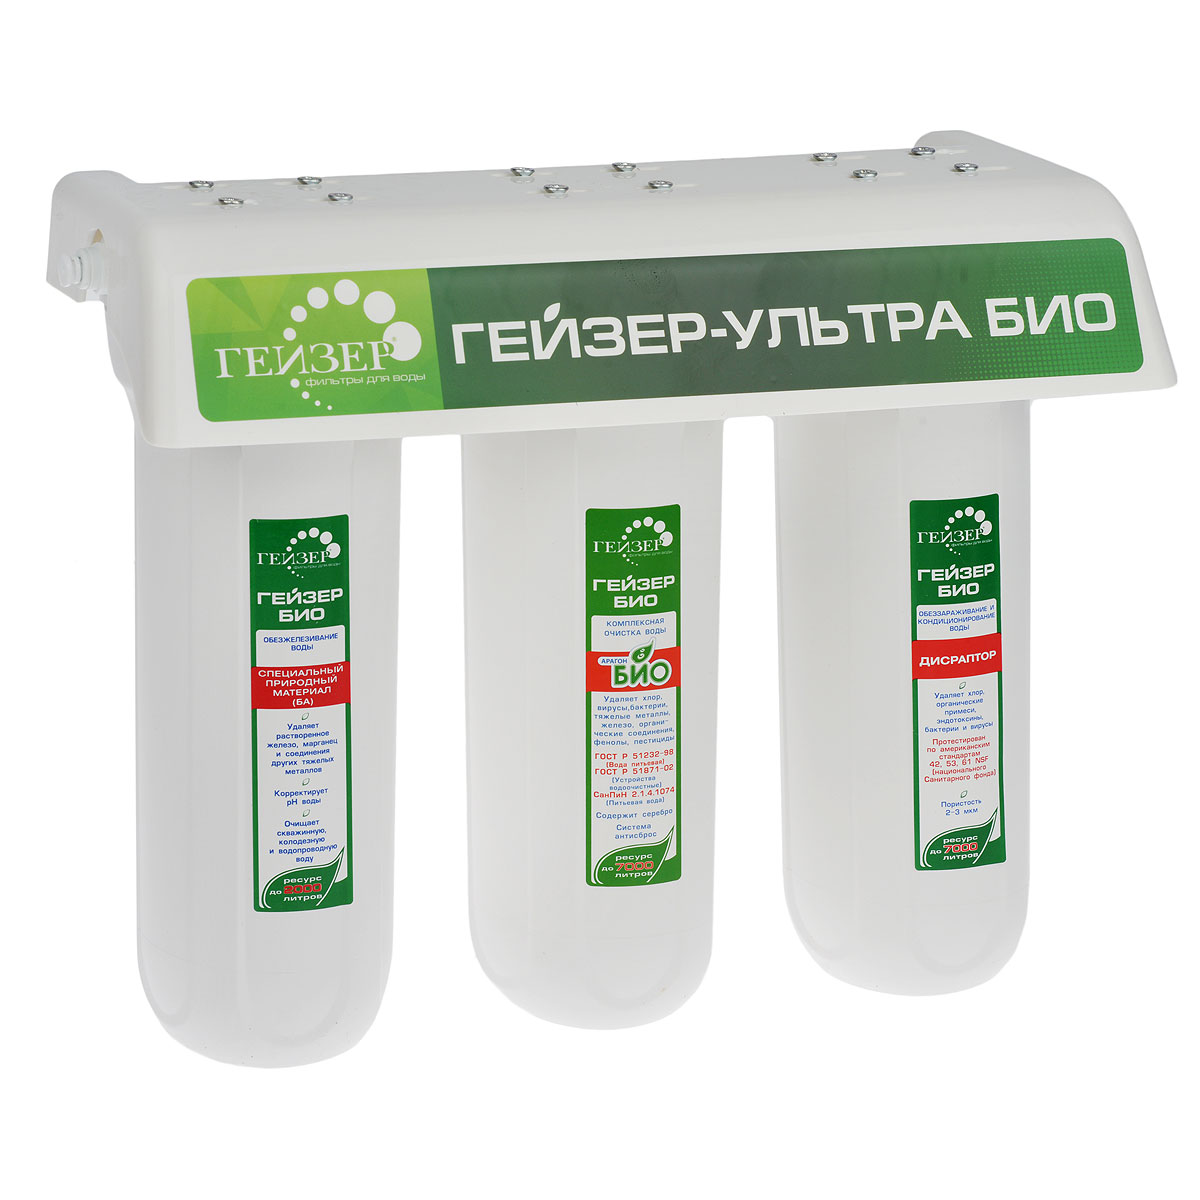 Фильтр для очистки воды с повышенным содержанием железа Гейзер Ультра Био 441BL505Трехступенчатый фильтр для очистки воды с повышенным содержанием железа.Признаки присутствия железа в воде: хлопья ржавчины, бурый осадок при отстаивании, характерный привкус и запах железа, ржавые подтеки на сантехнике.Самая совершенная и оптимальная система очистки воды для каждого дома. Позволяет получать неограниченное количество воды питьевого класса из отдельного крана чистой воды. Уникальная защита вашей семьи от любых загрязнений, какие могут попасть в водопровод, включая прорыв канализационных стоков и радиационное заражение. Гейзер 3 - это один из лучших фильтров100% защита от вирусов и бактерий, подтвержденная сертификатом по системе ГОСТ Р и заключением Федеральной службы по надзору в сфере защиты прав потребителя и благополучия человека. Фильтр рекомендован для доочистки и дообеззараживания водопроводной воды ФГБУ НИИ Экологии Человека и Гигиены Окружающей Среды им. А.Н. Сысина Минздравсоцразвития России. При очистке воды фильтром наблюдается эффект квазиумягчения: при снижении накипи не удаляются полезные элементы кальций и магний. Подтверждено Венским государственным университетом (Австрия), Ведущей организацией по разборке стандартов питьевой воды Welthy Corp (Япония). Активное серебро для подавления роста отфильтрованных бактерий. Уникальная система Антисброс: в процессе очистки воды гарантирована защита от проникновения в очищенную воду ранее отфильтрованных примесей. В моделях фильтров используется технологии, подтвержденные более 20-ти патентами.Состав картриджей фильтра: 1-я ступень очистки (картридж БА). Ресурс 2000 литров.2-я ступень очистки (картридж Арагон 2 Био). Ресурс до 7000 литров.3-я ступень очистки (картридж Дисраптор). Ресурс 10000 литров.Назначение картриджей:1-я ступень очистки (картридж БА). Используется для эффективного удаления избыточного растворенного железа (до 1 мг/л) и соединений других металлов методом каталитического окисления. Фильтрующая з